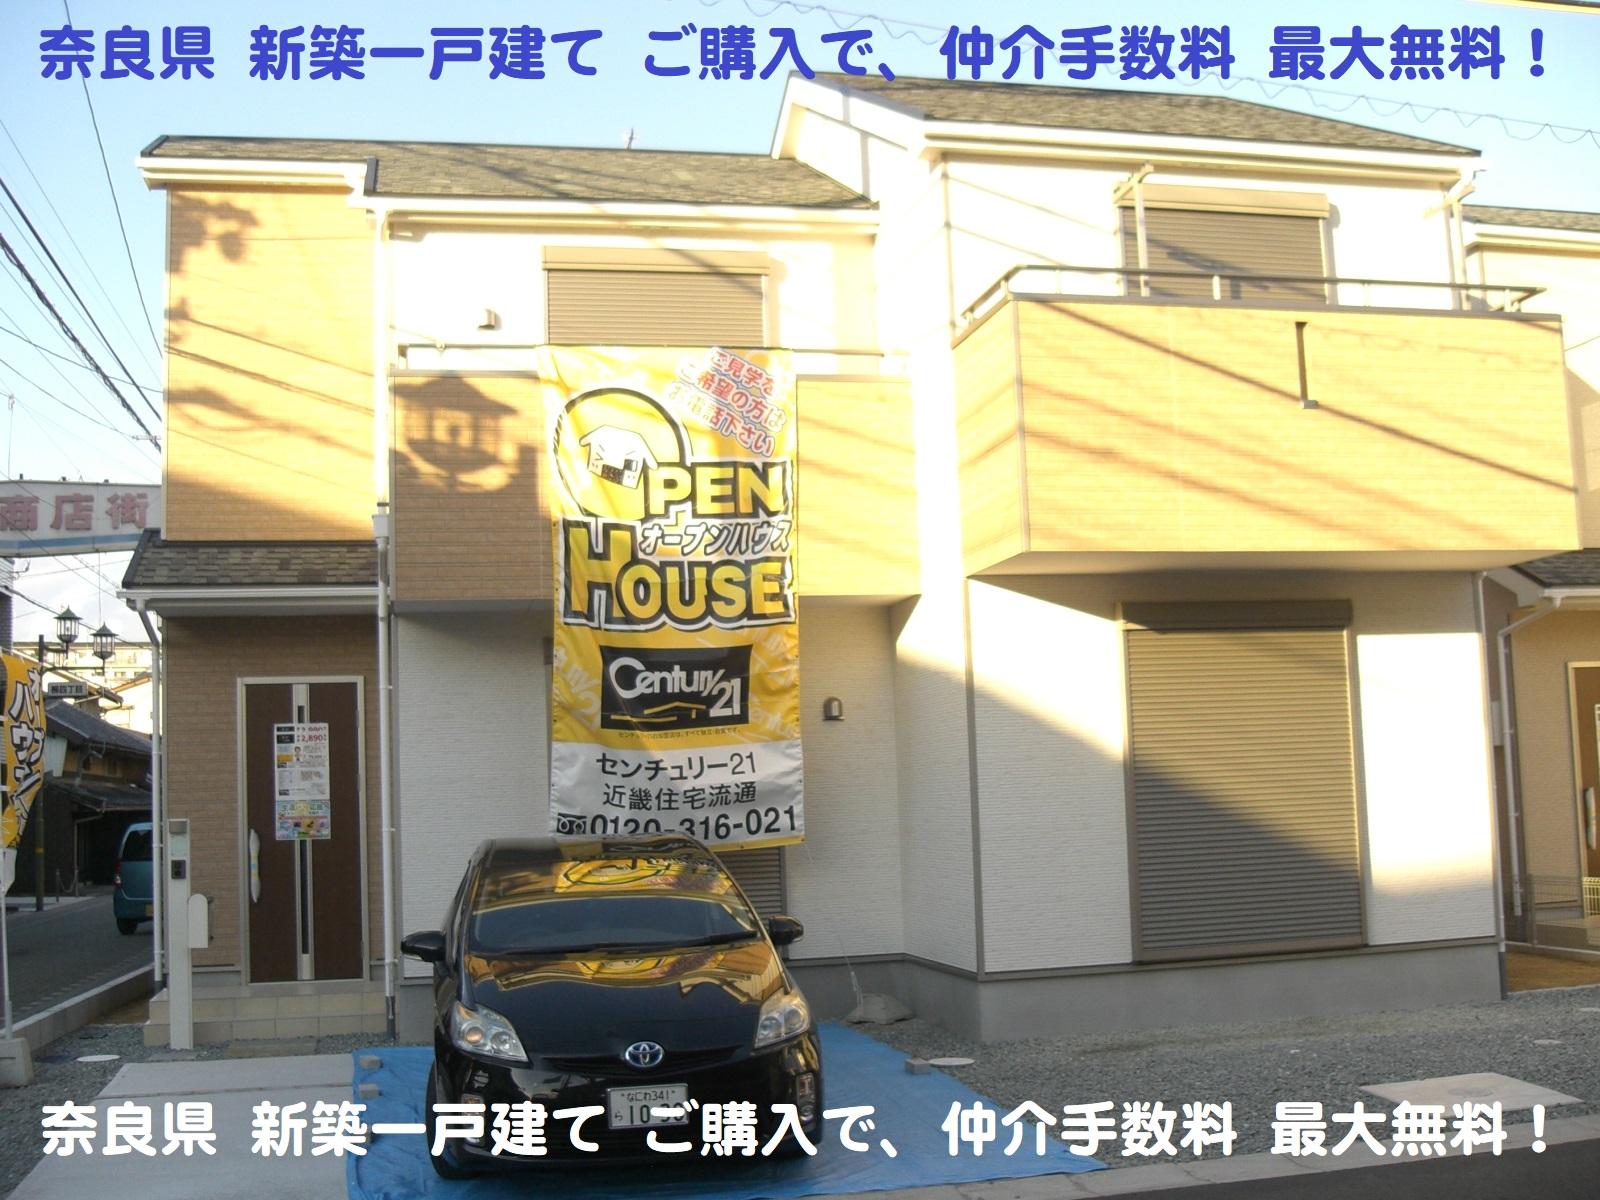 奈良県 新築 ビート住建 大和郡山市 お買い得 仲介手数料 最大無料